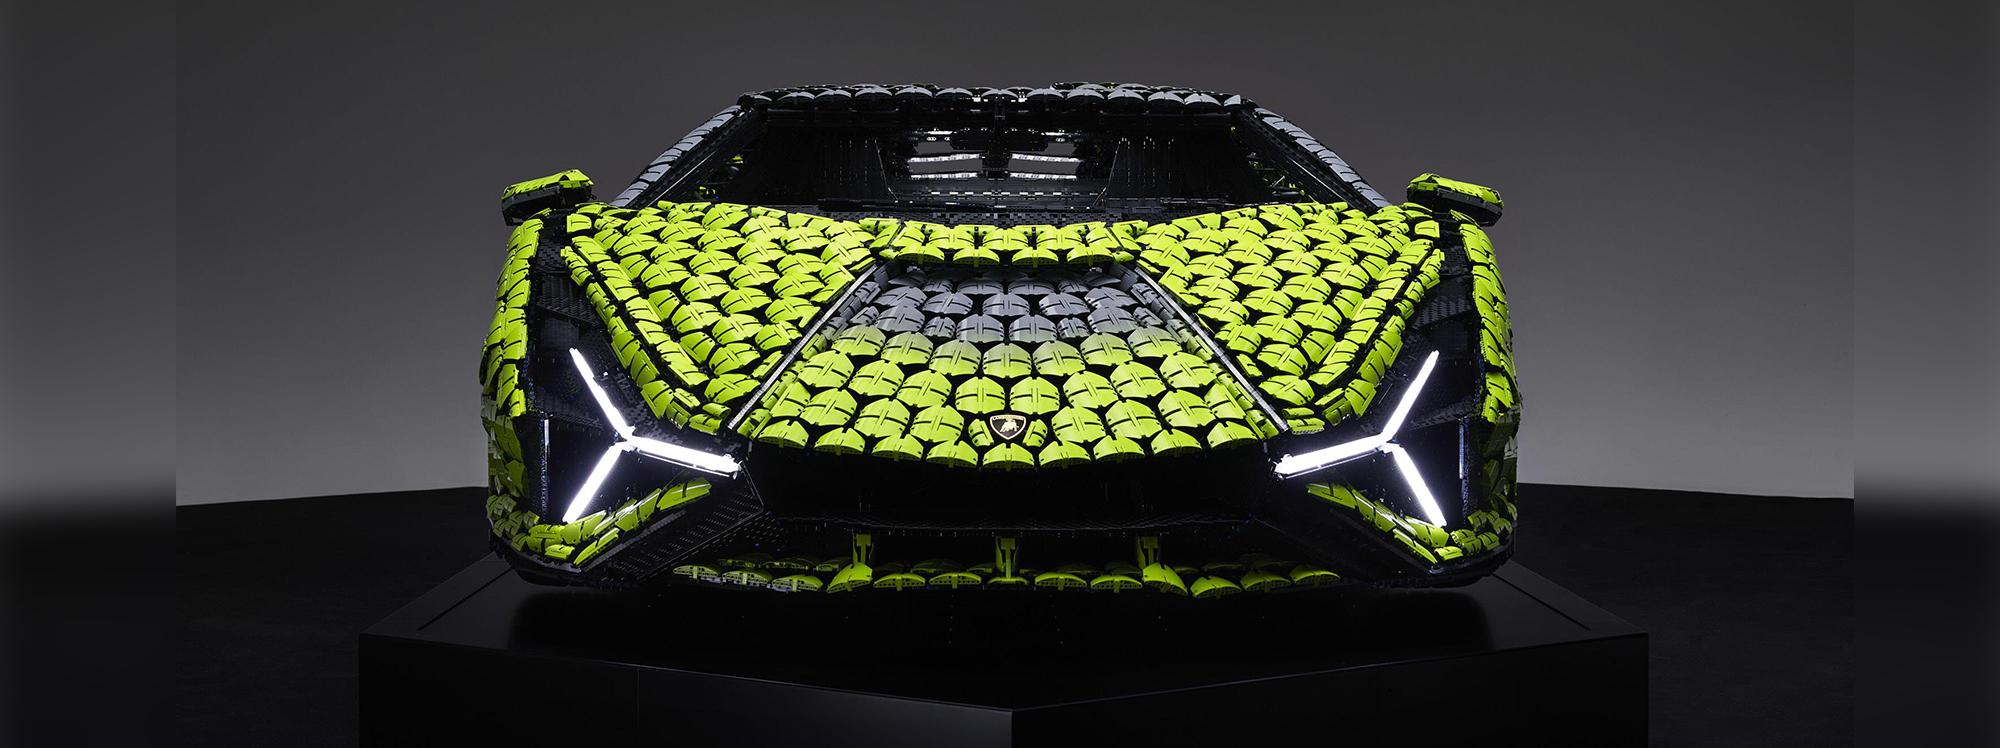 Este Lamborghini está hecho completamente de Legos